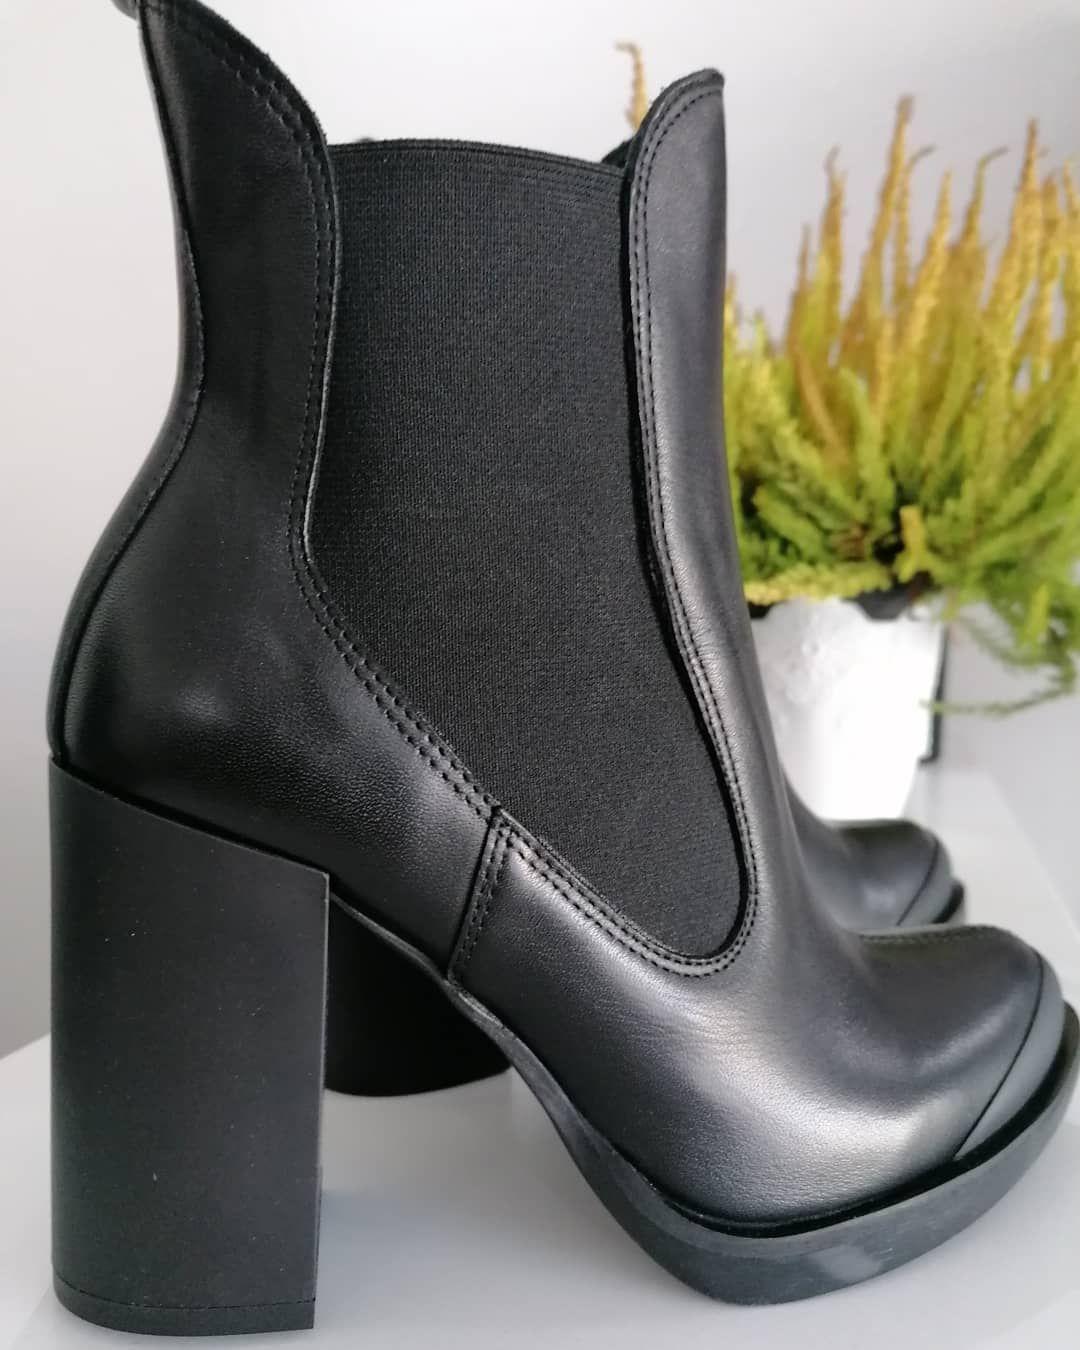 Jesien Na Obcasach Jesien Jesien2020 Zima Buty Botki Czarne Czarnebuty Nowosc Kobieta Modadlakobiet Moda Modnadzi Boots Chelsea Boots Ankle Boot